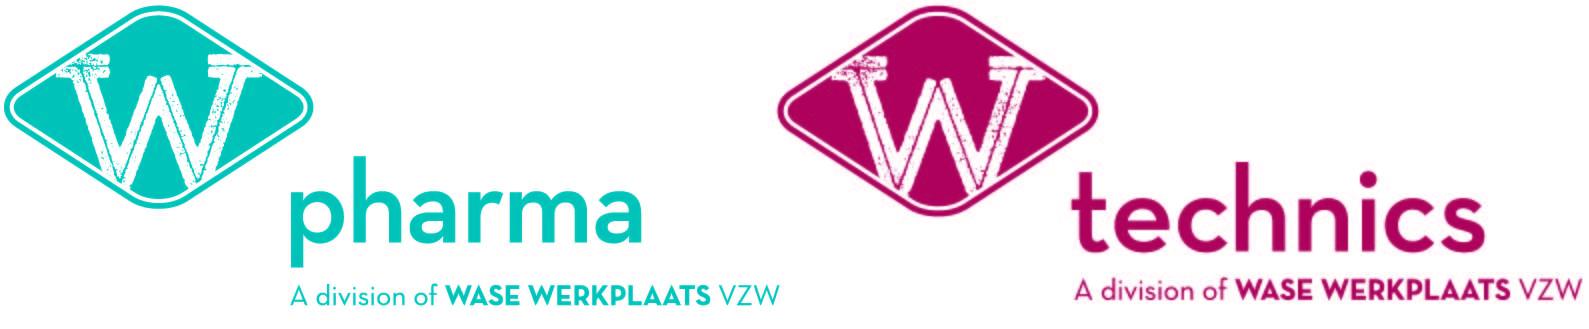 W-pharma & W-technics